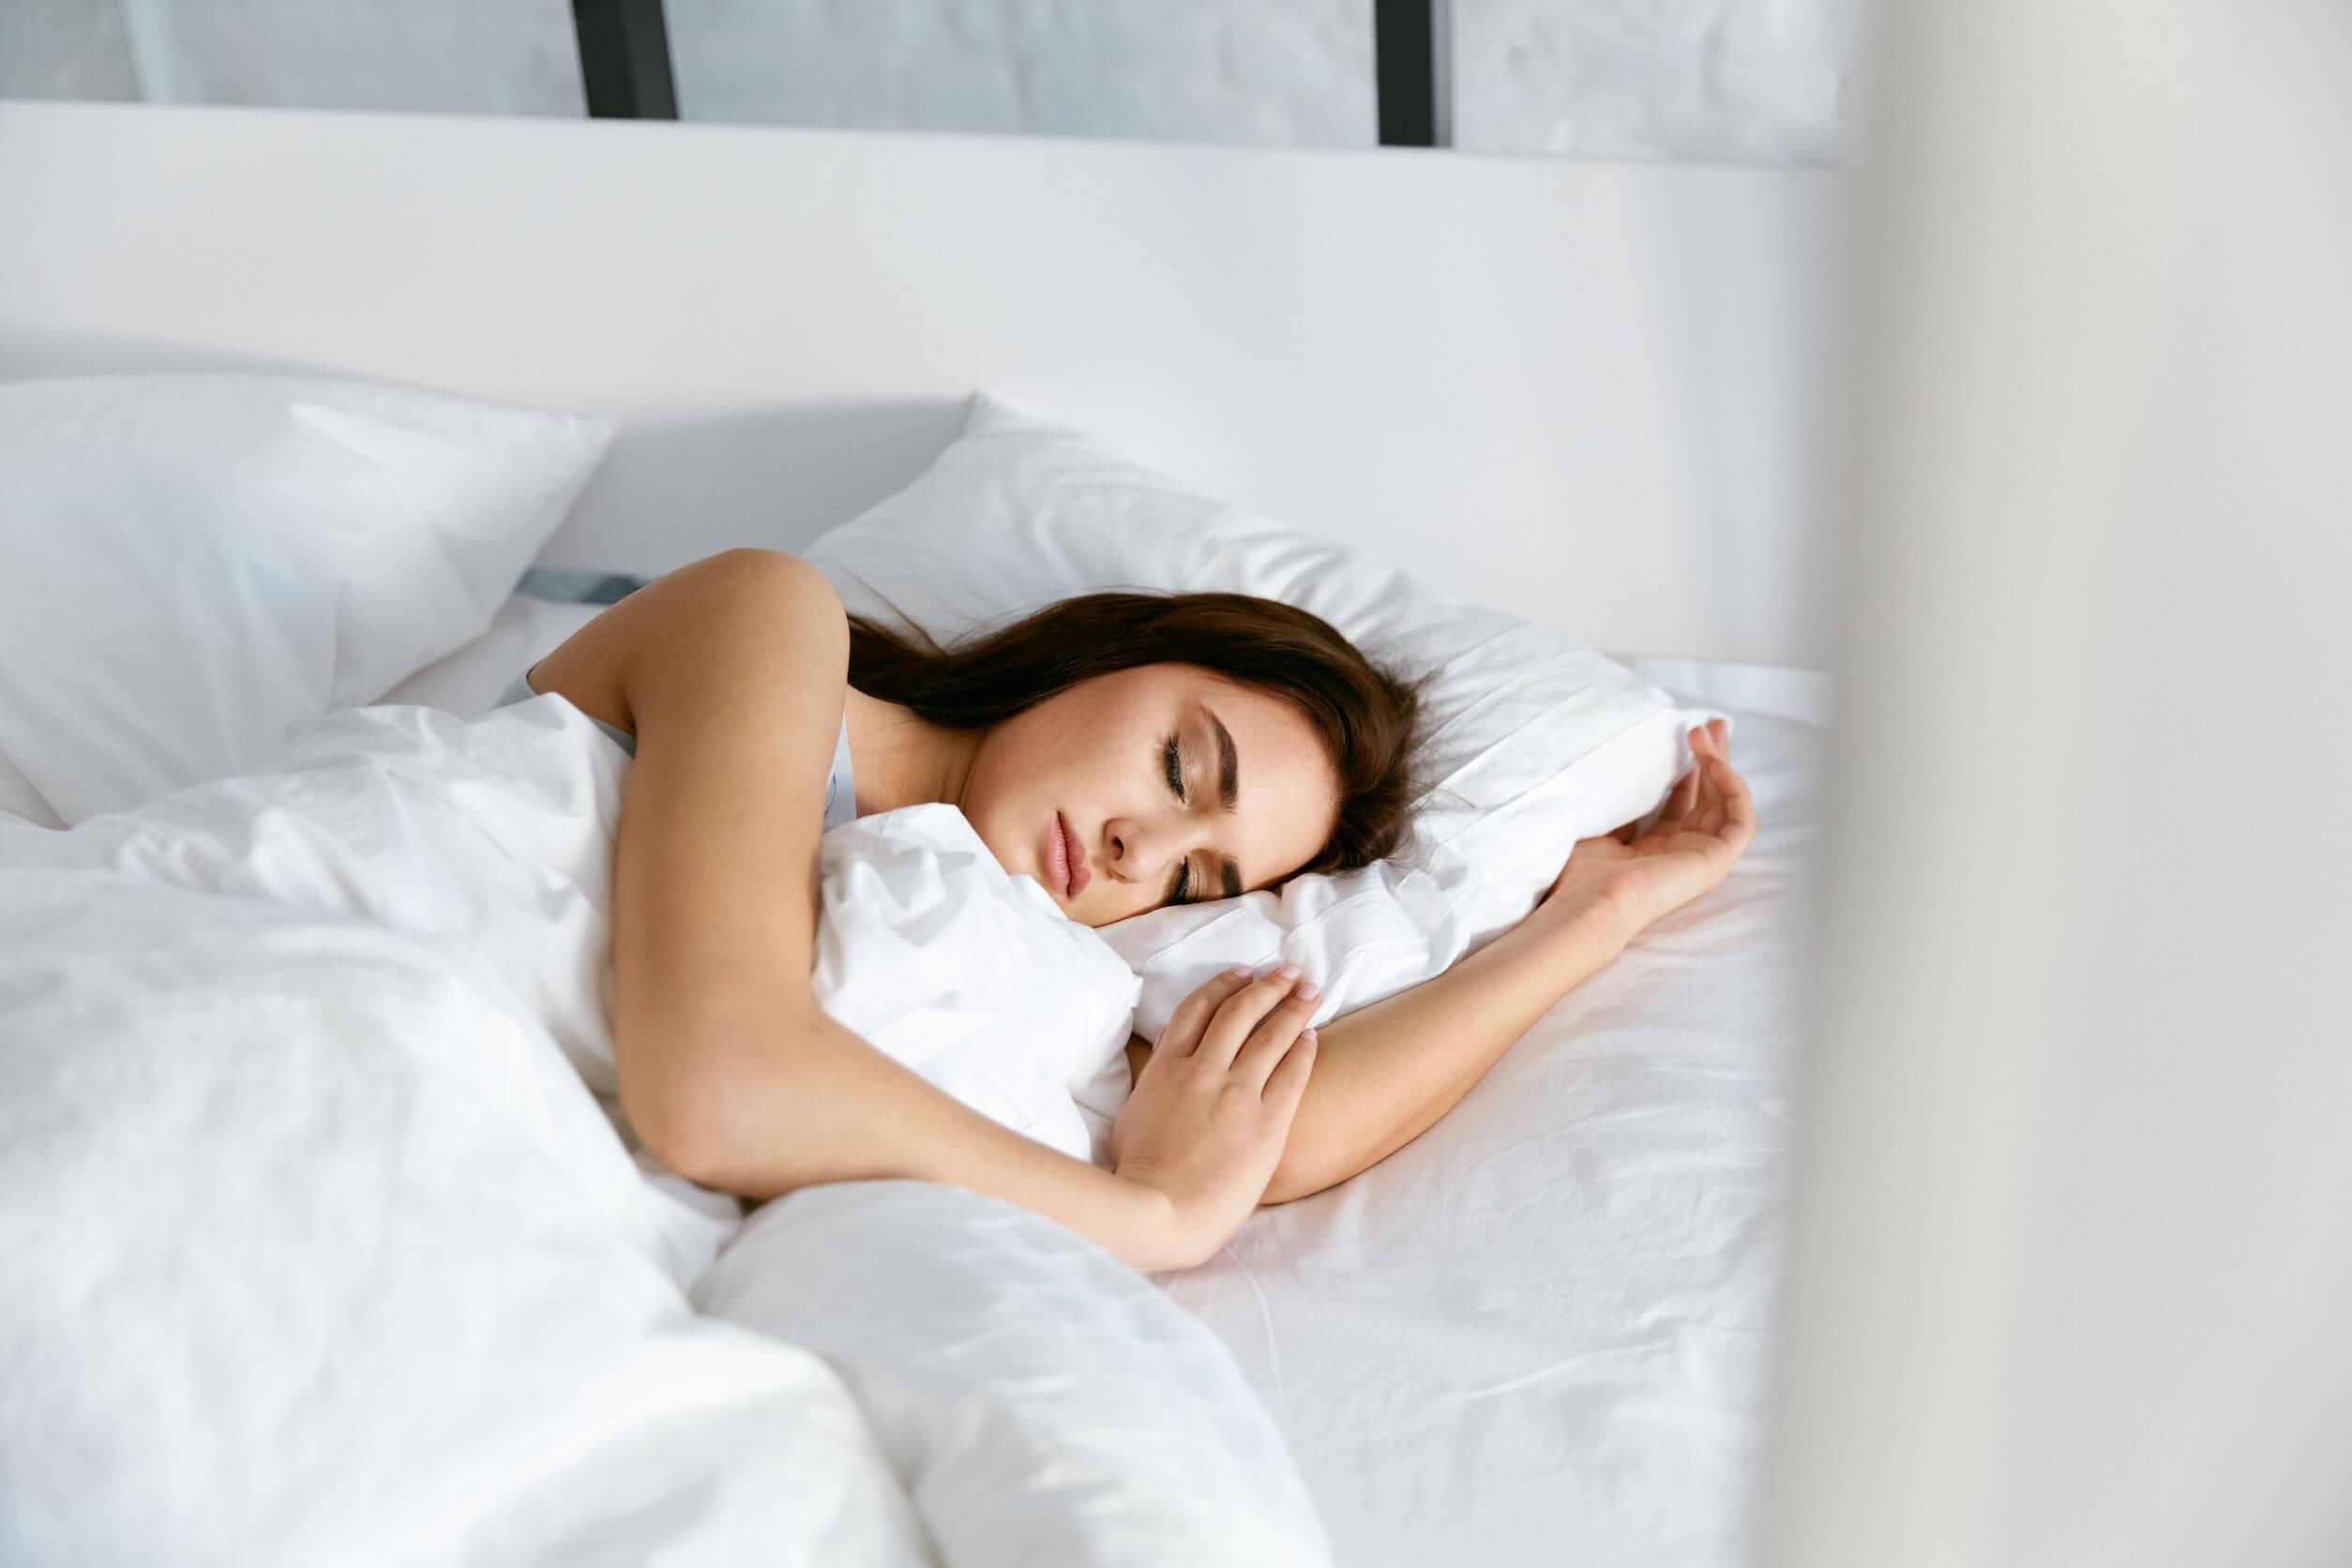 Tomar un baño caliente para dormir mejor: ¿por qué ayuda?